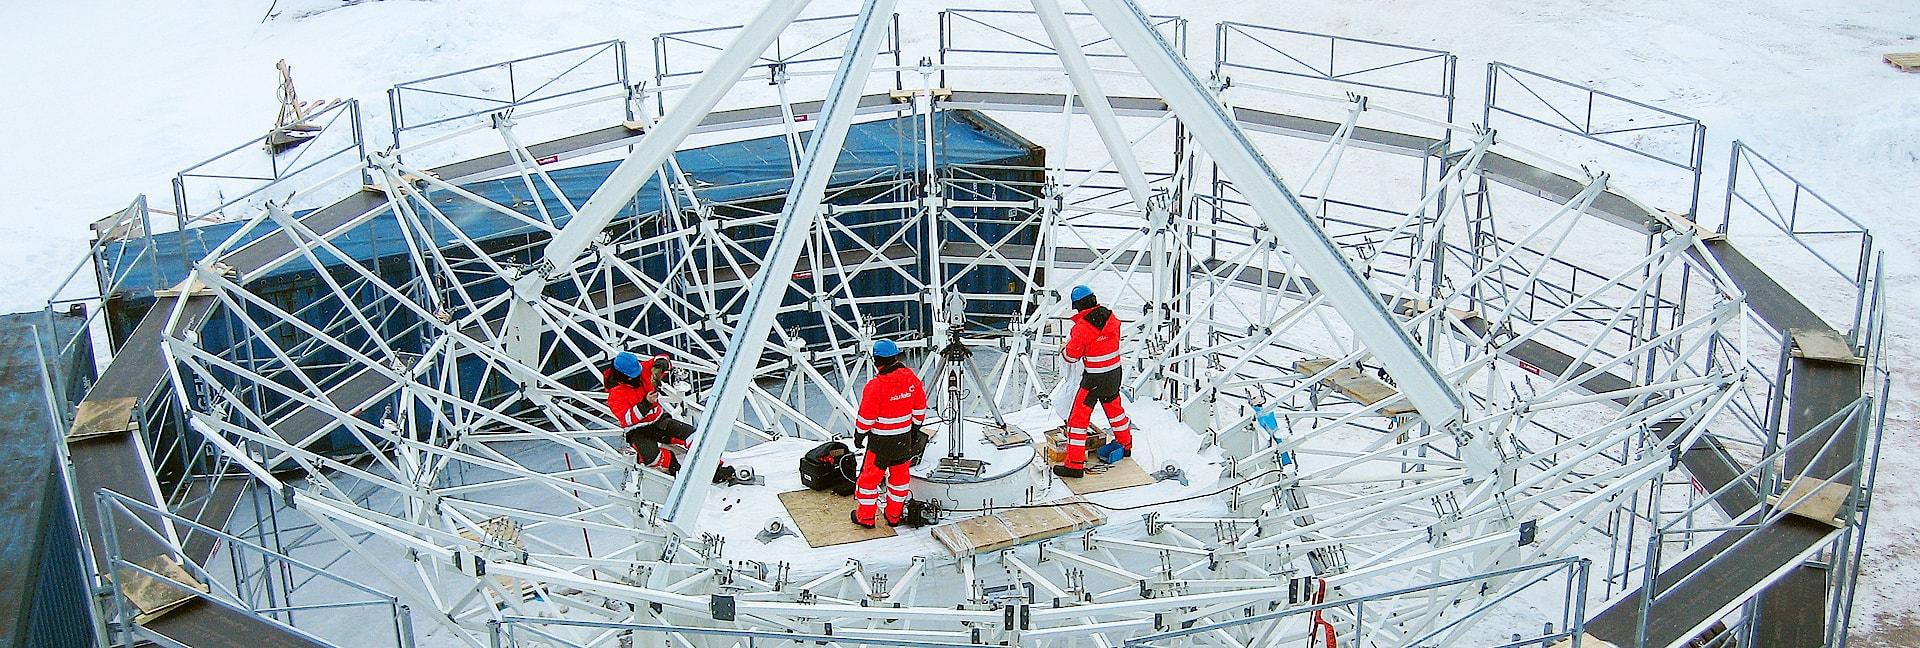 Измерительное оборудование концерна Hexagon